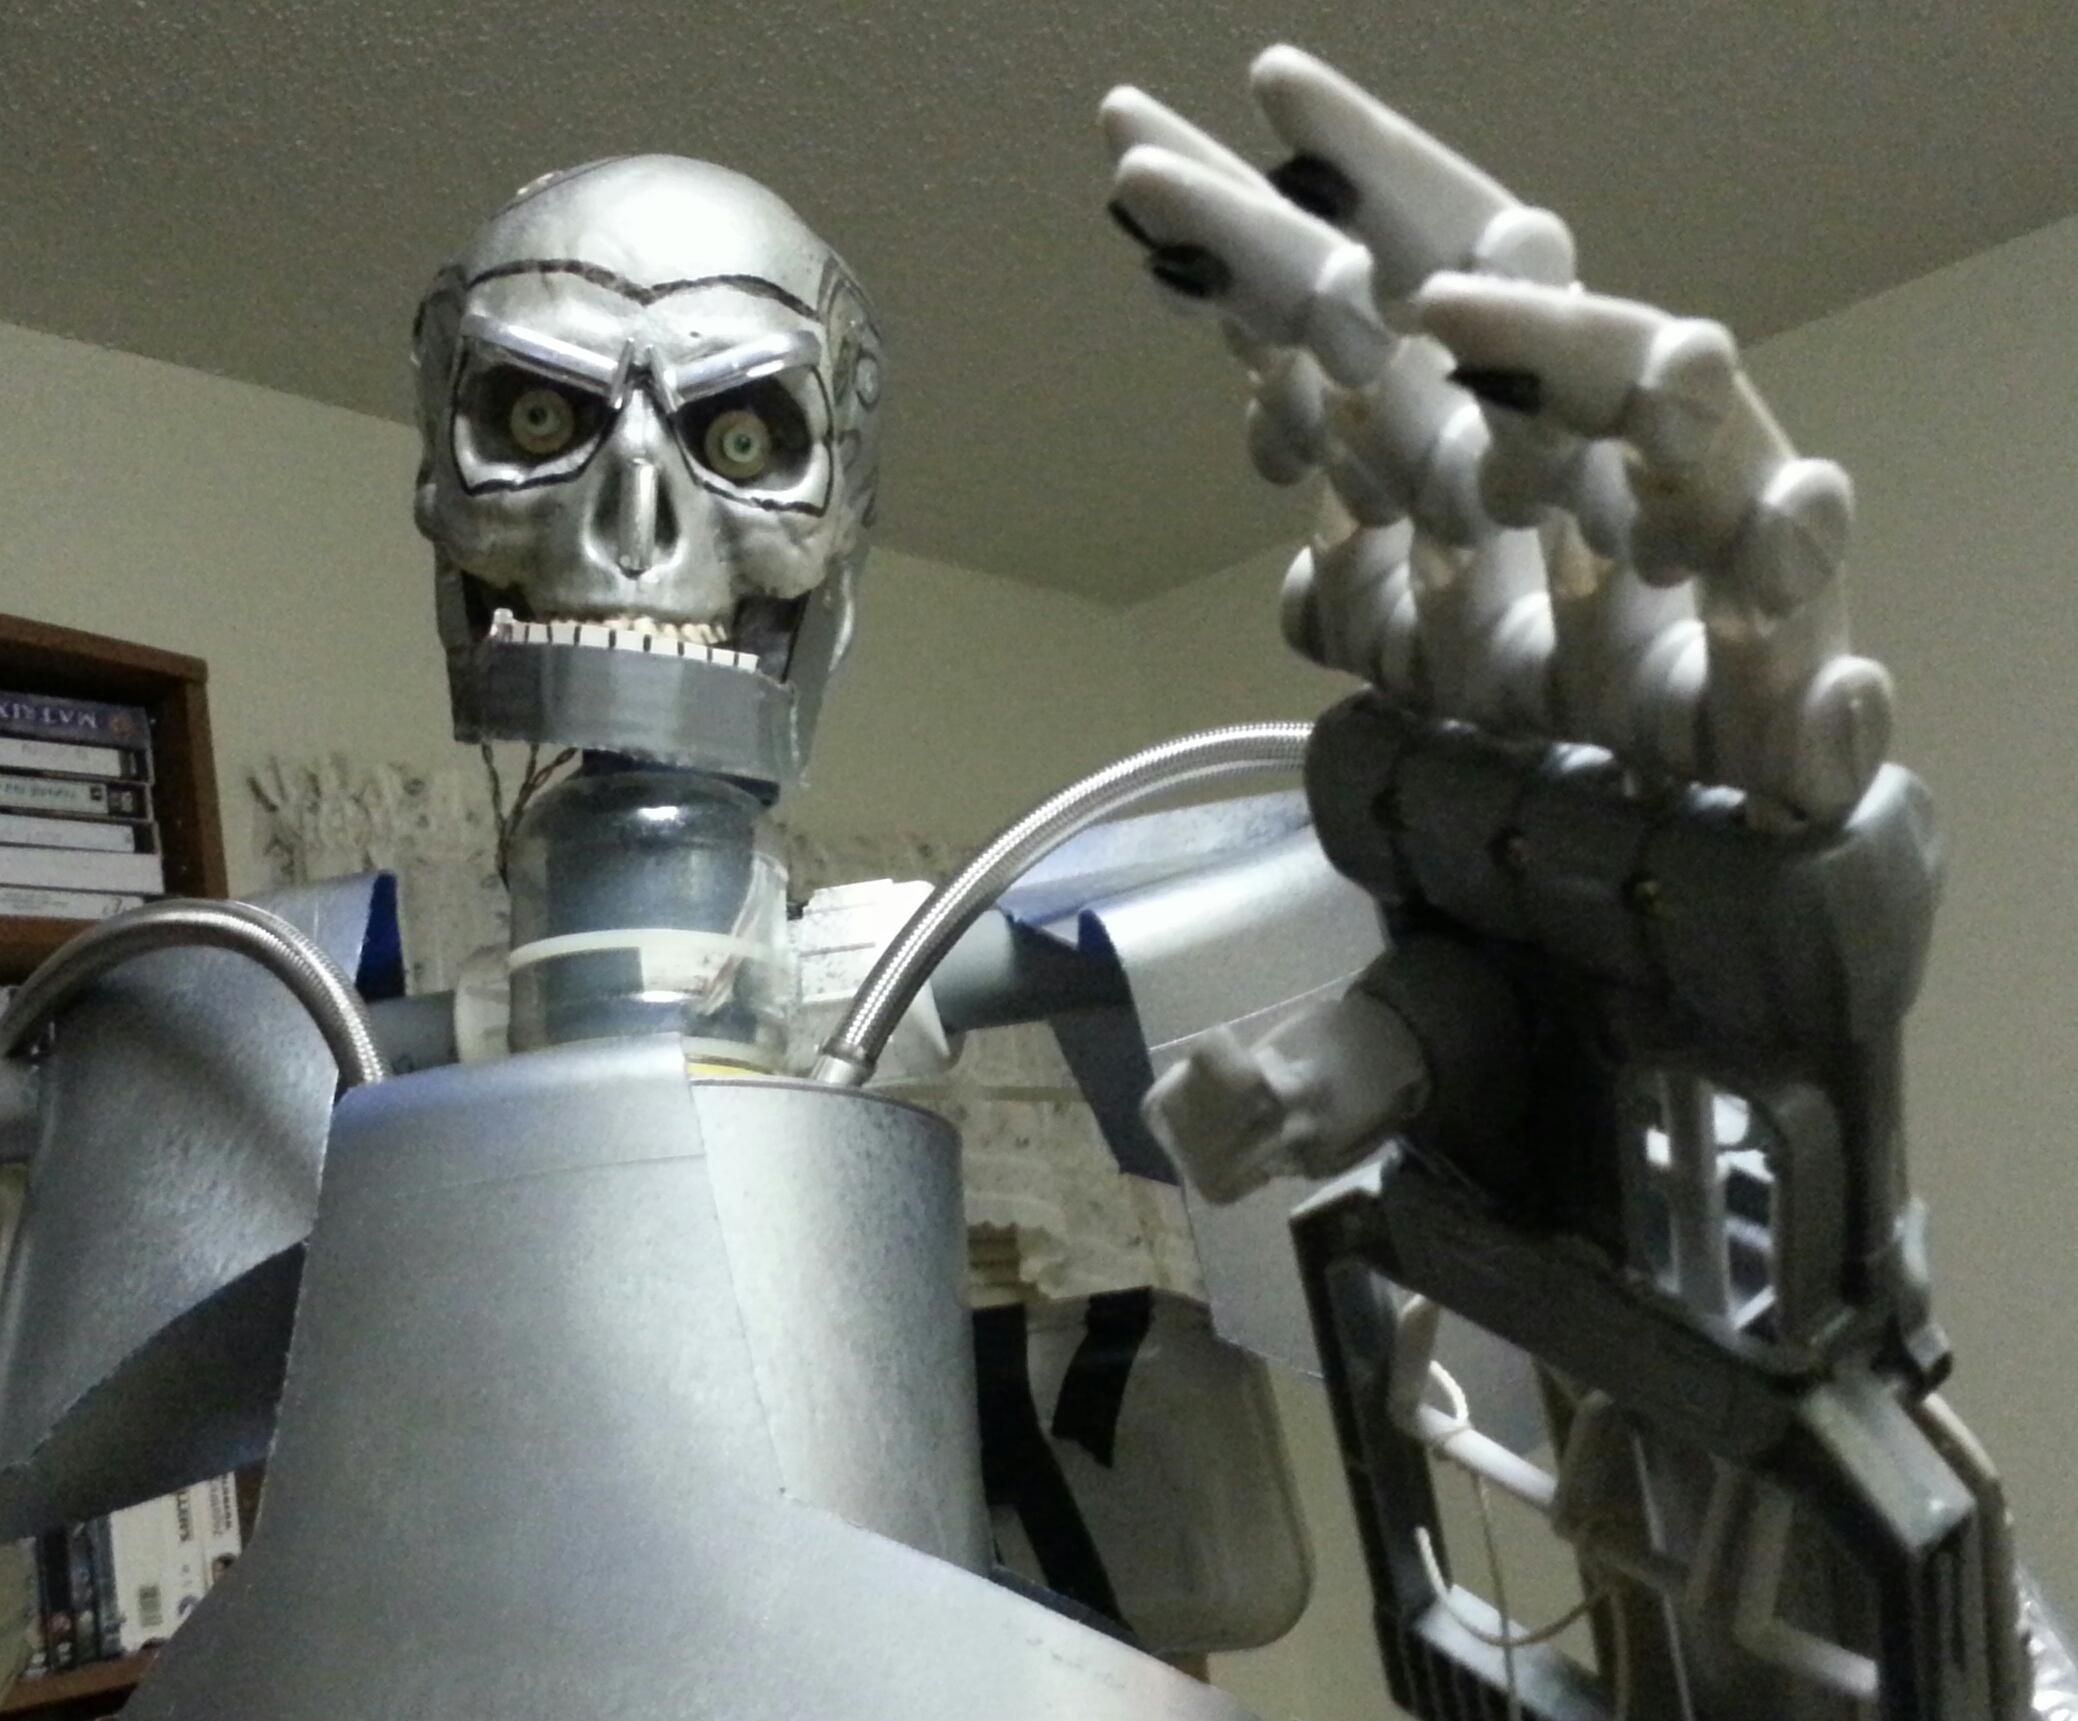 Lifesize Poseable Animatronic Endoskeleton